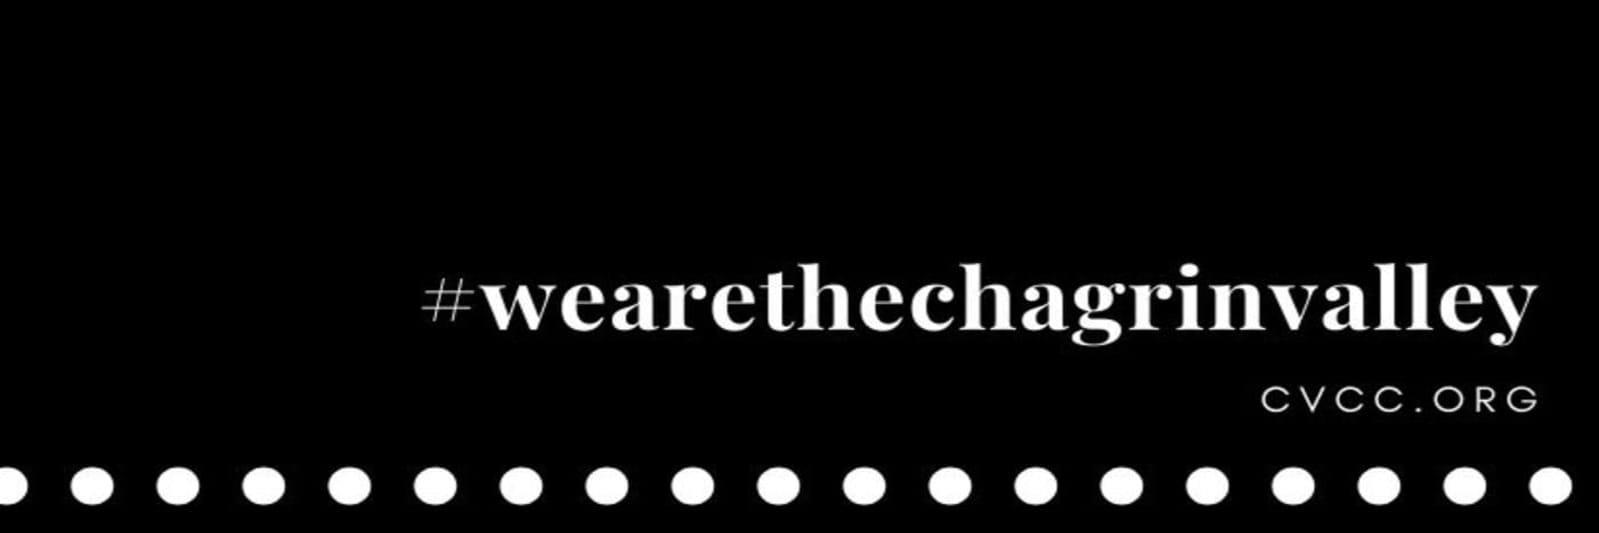 Xwearethechagrinvalley-(1)-w1600-w1599.jpg